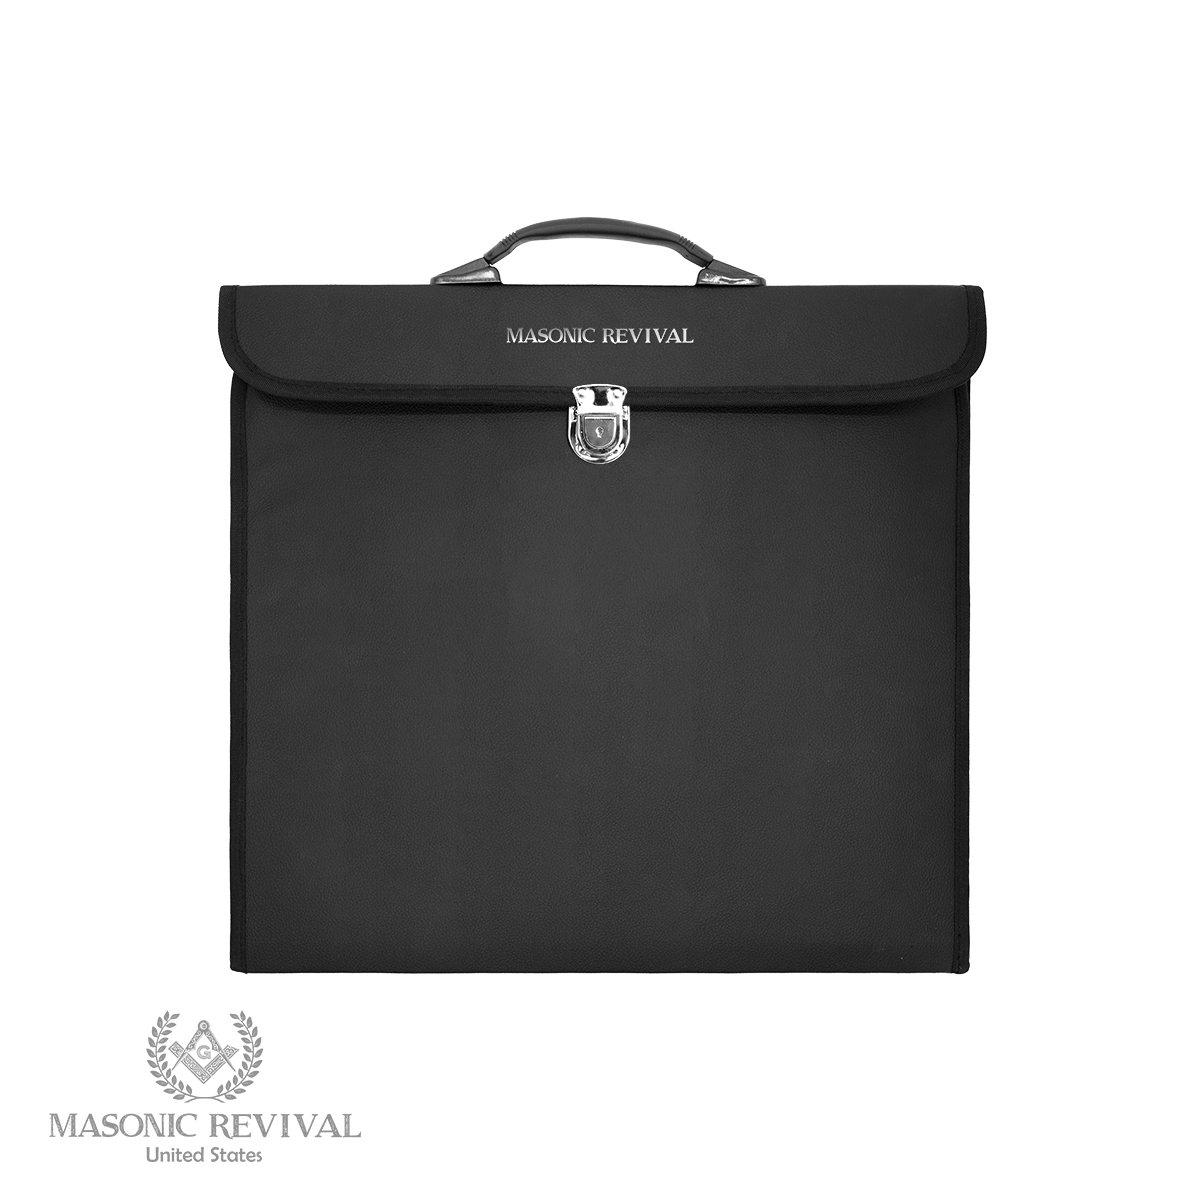 デラックスエプロンケースby Masonic Revival   B078KVDJV1